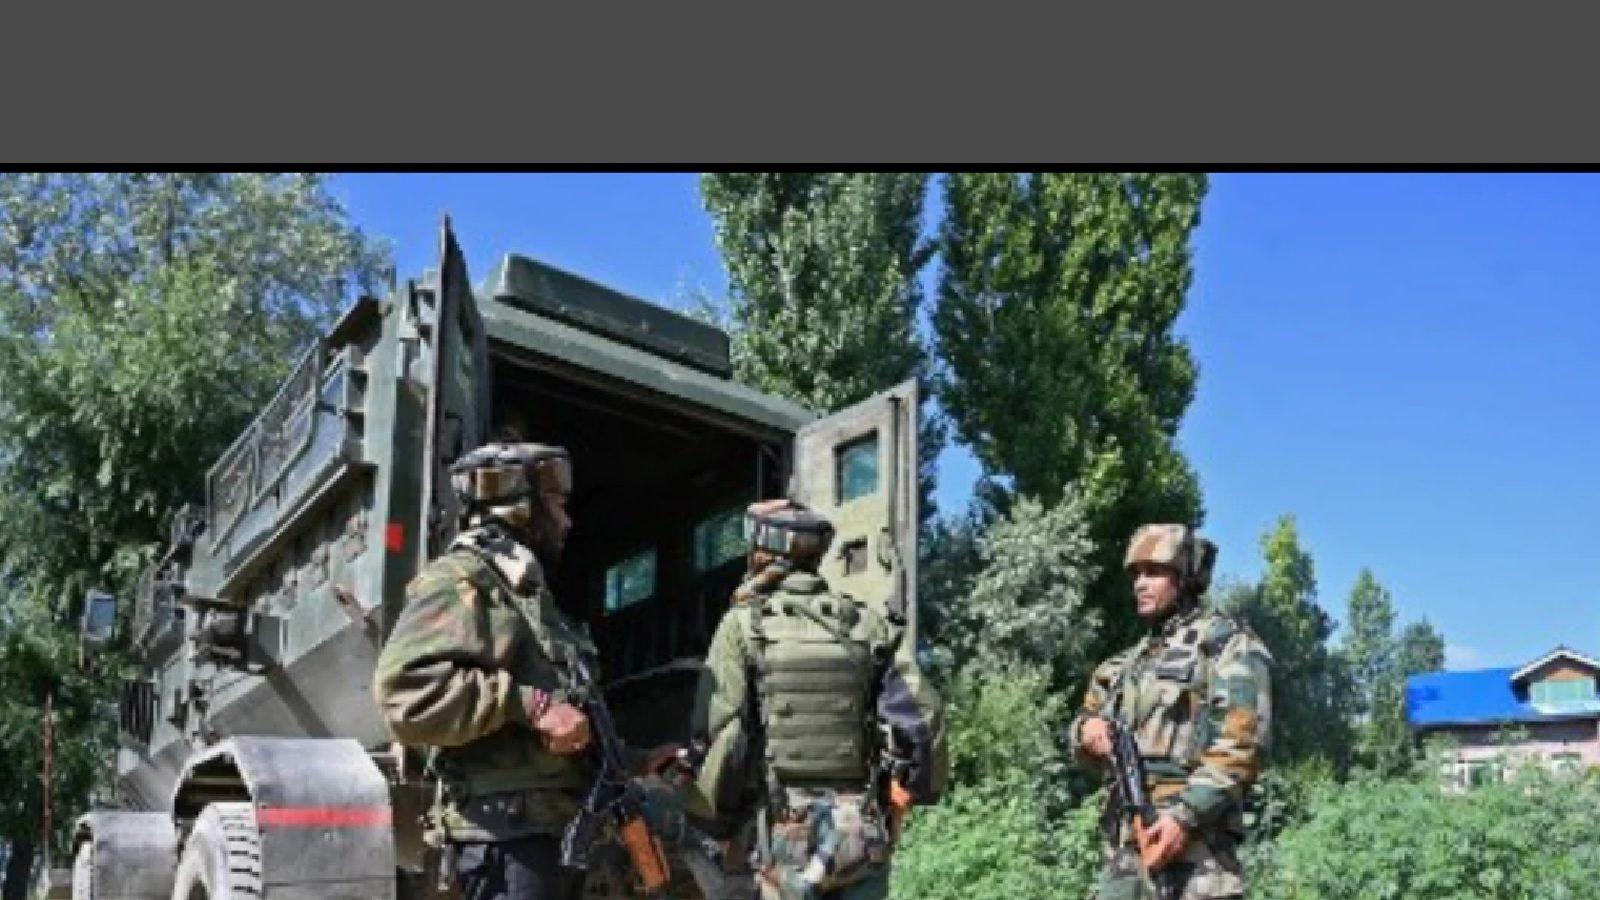 Kashmir Target Killing: मुठभेड़ में सुरक्षाबलों के हाथों मारा गया बिहारी मजदूरों की हत्या करने वाला लश्कर कमांडर